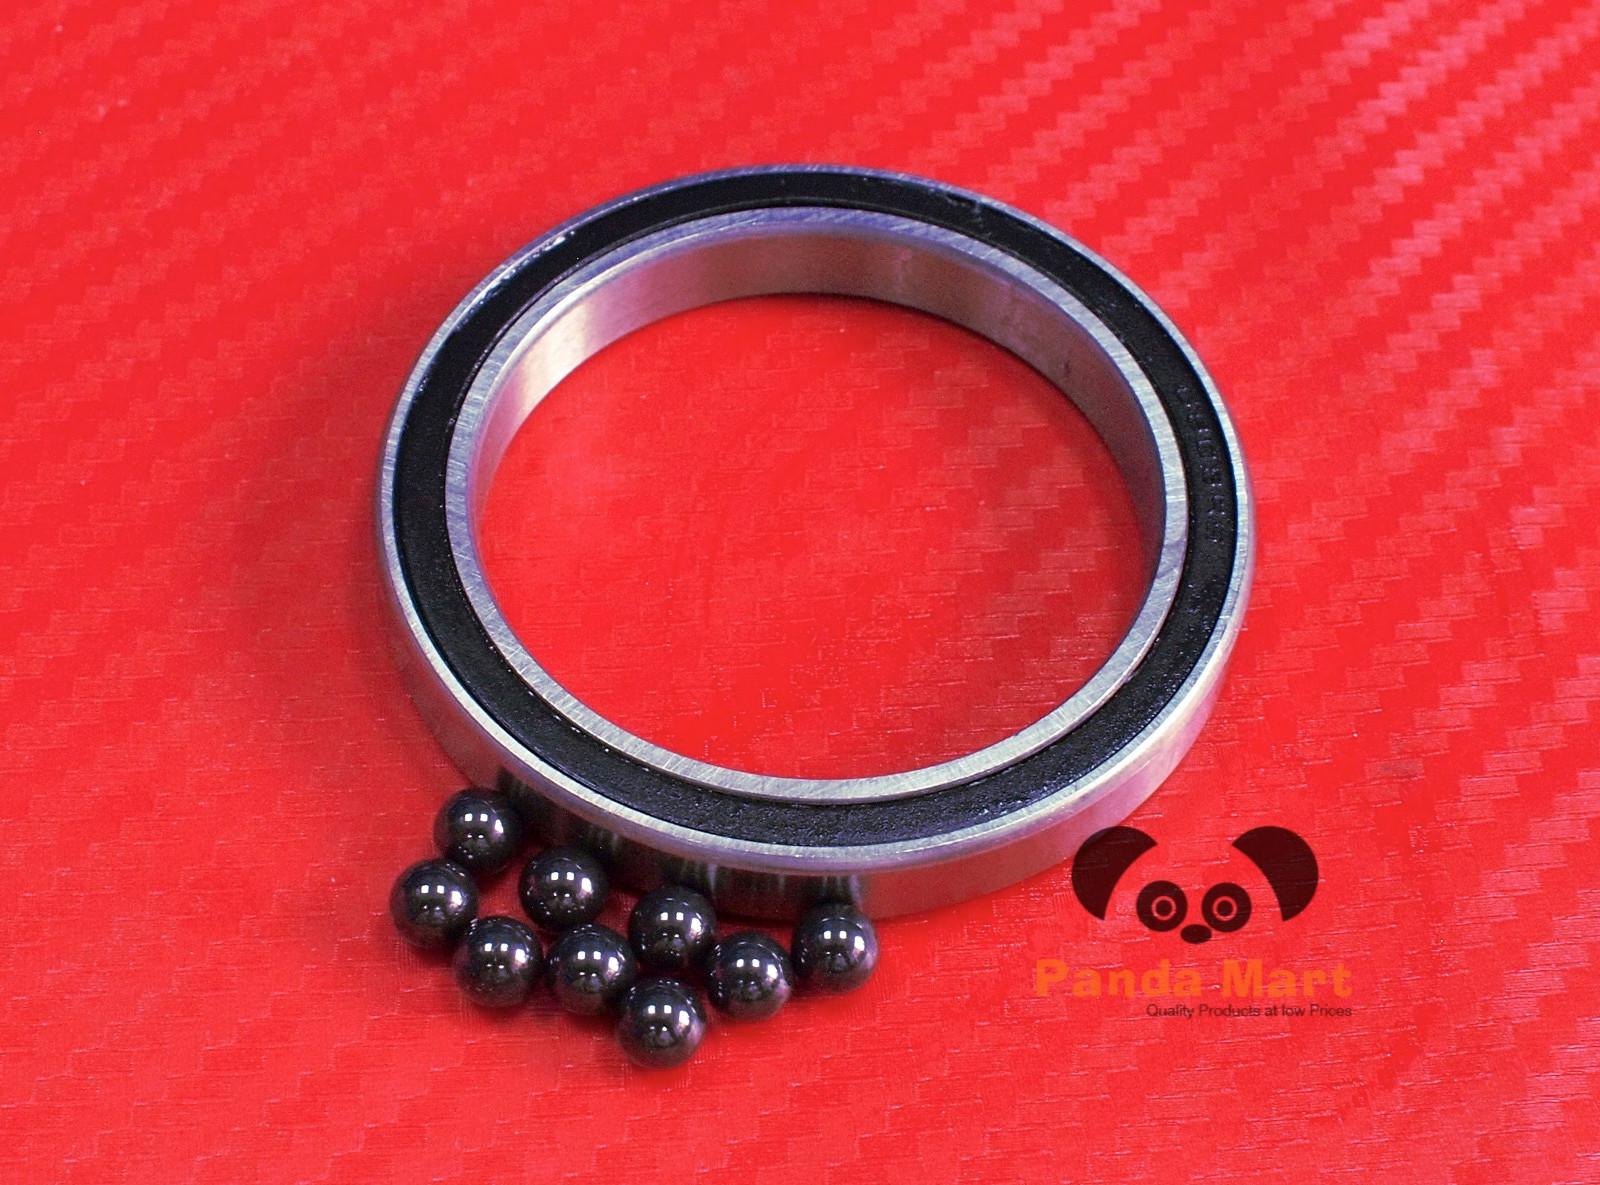 6908RS 6908-2RS HYBRID CERAMIC Si3N4 Ball Bearing Black 40x62x12 mm QTY 5